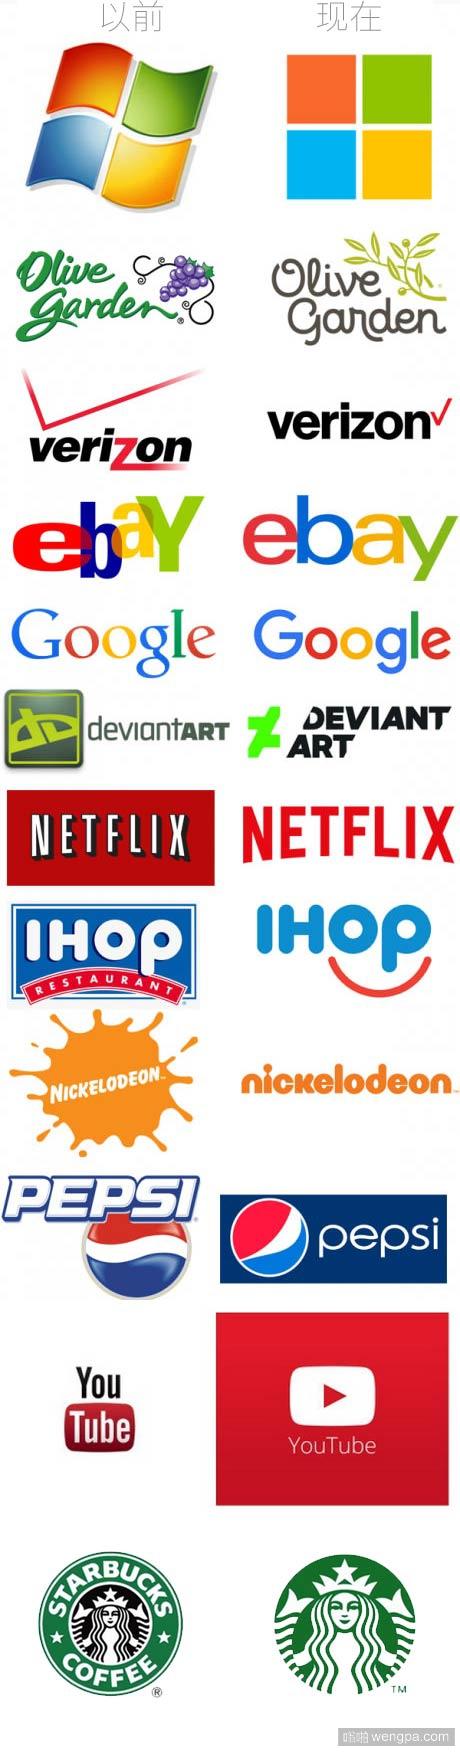 著名公司logo扁平化